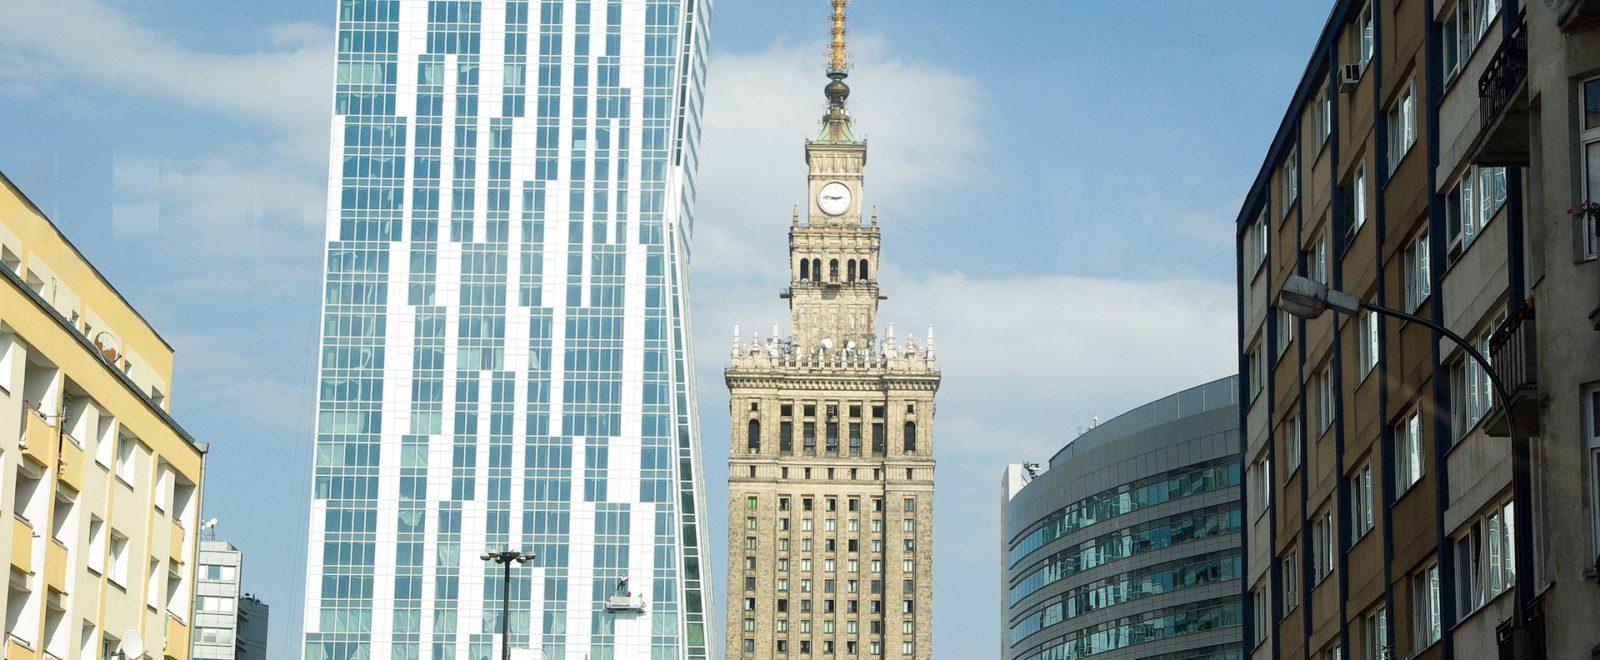 Послуги в сфері фінансів та інвестицій в Польщі